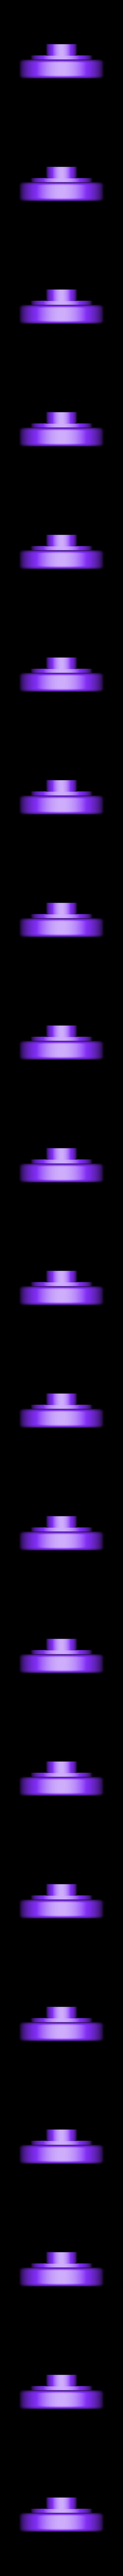 button v1.STL Télécharger fichier STL gratuit Générateur de nombres aléatoires à spinner à main • Plan pour imprimante 3D, Vladimir310873